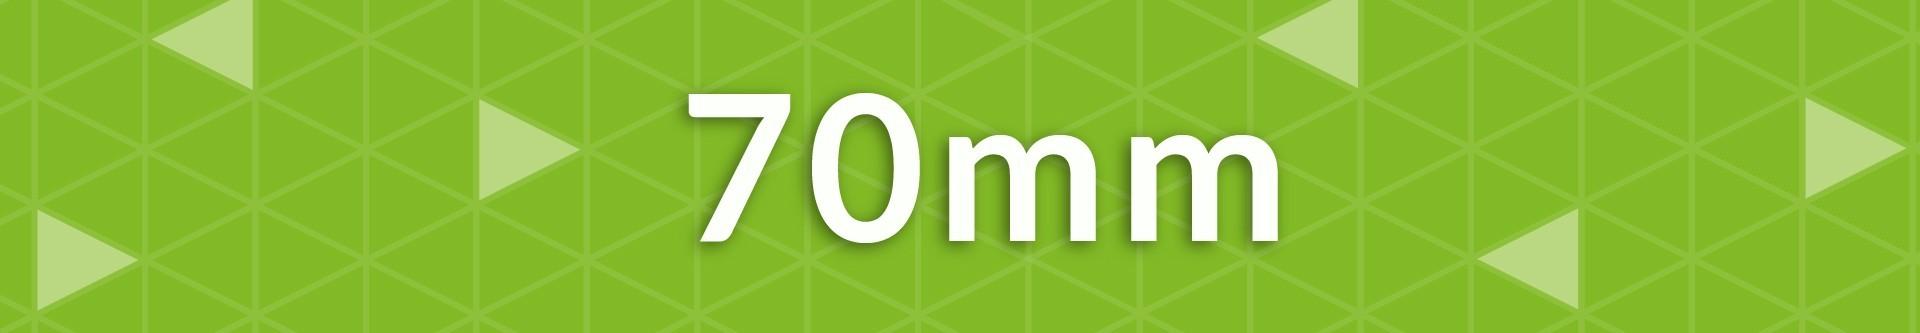 Grosor 70 mm